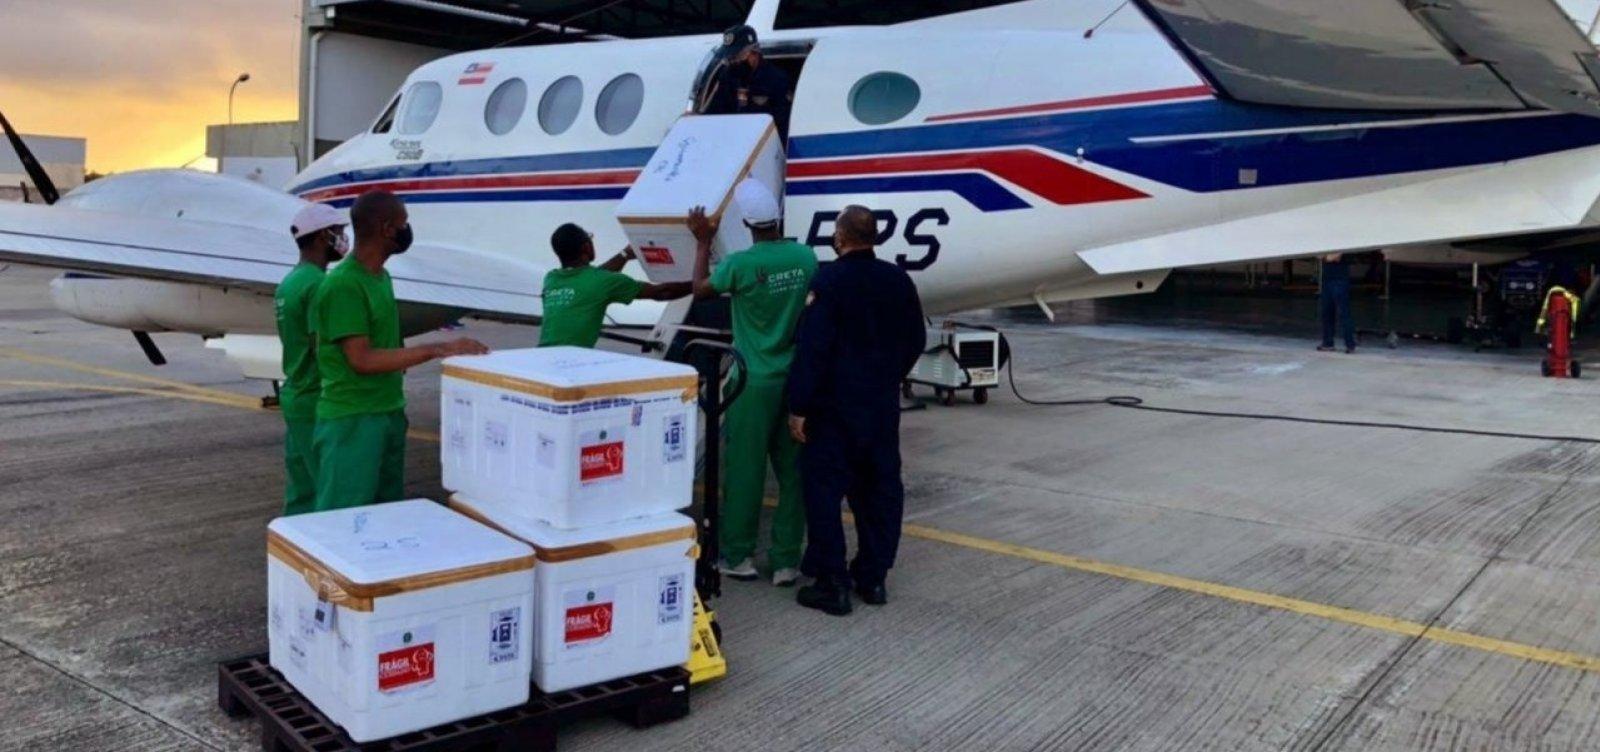 [Novo lote de vacinas contra Covid-19 chega à Bahia]